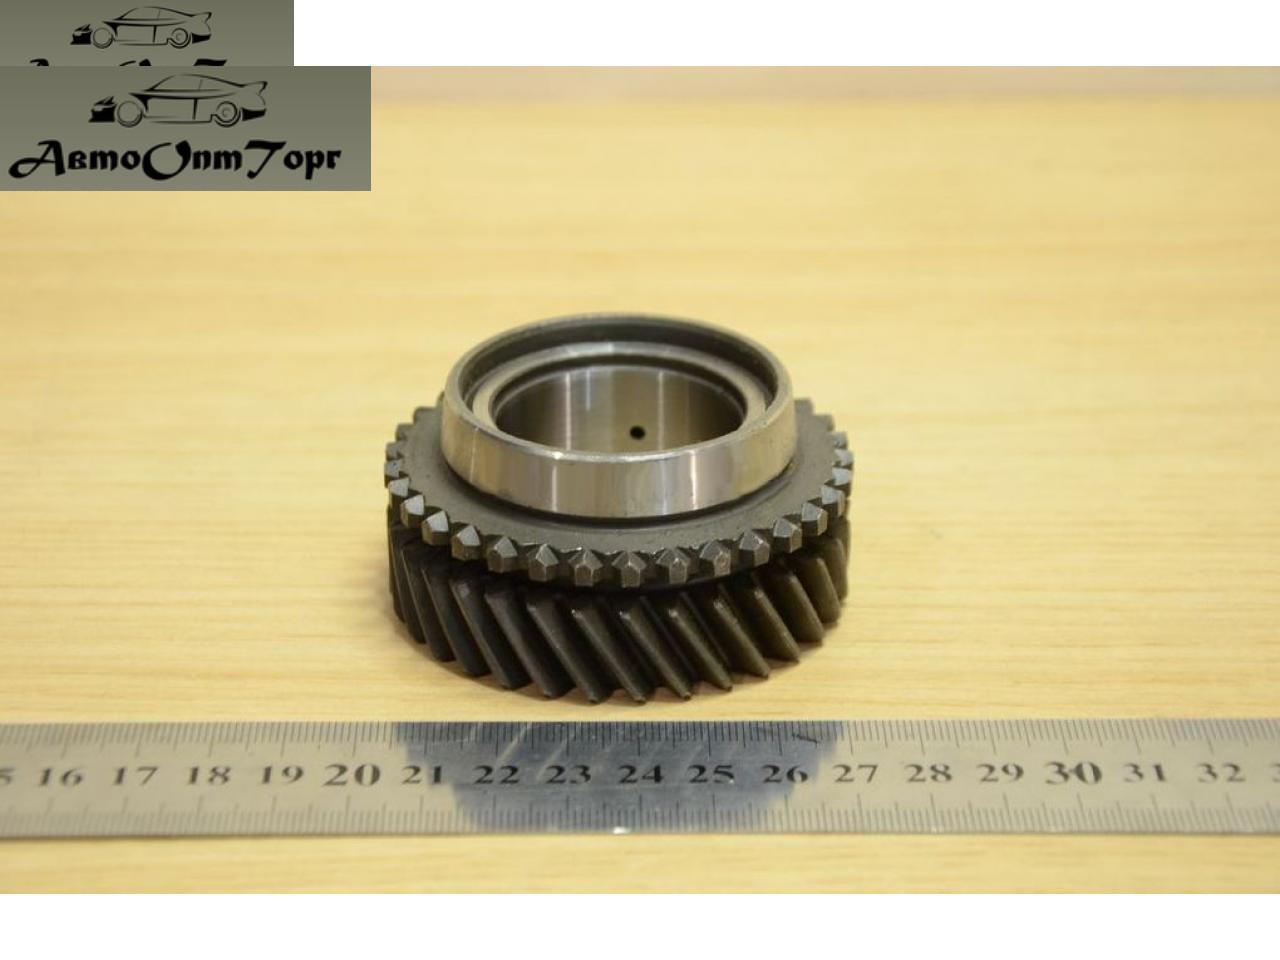 Шестерня КПП 4-ой передачи ВАЗ 2108, 2108-1701146, Авто ВАЗ, 2108-1701146